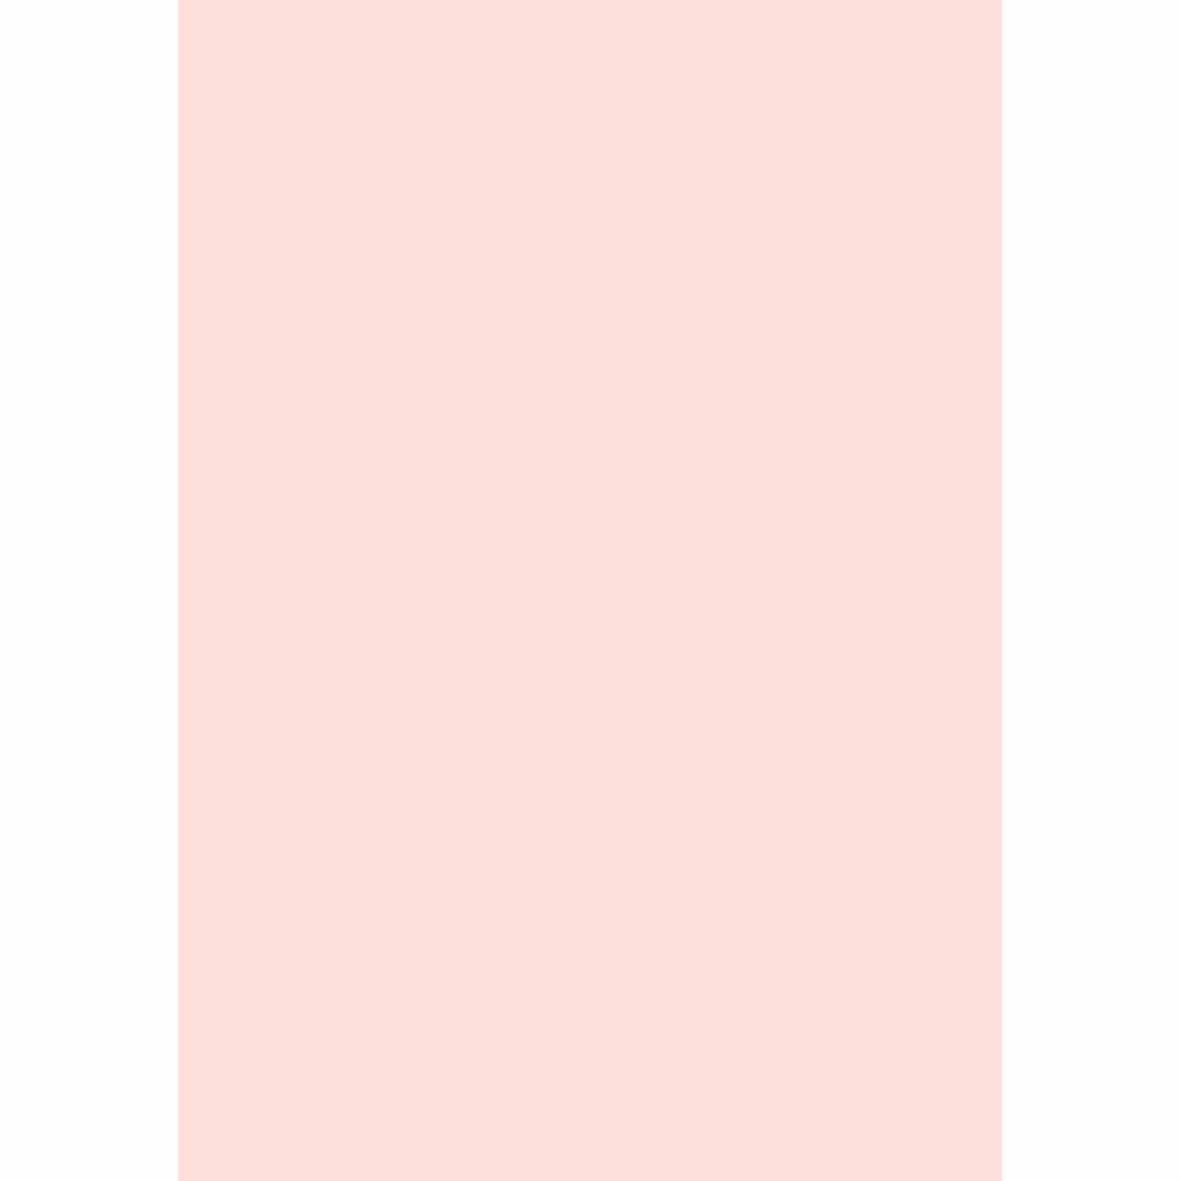 2,2/m/x/1,5/m vinilo ideal para fiestas de cumplea/ños fotos de boda bailes o anuncios imagen de purpurina cayendo en color dorado y negro Fondo de fotograf/ía decorado MEHOFOTO